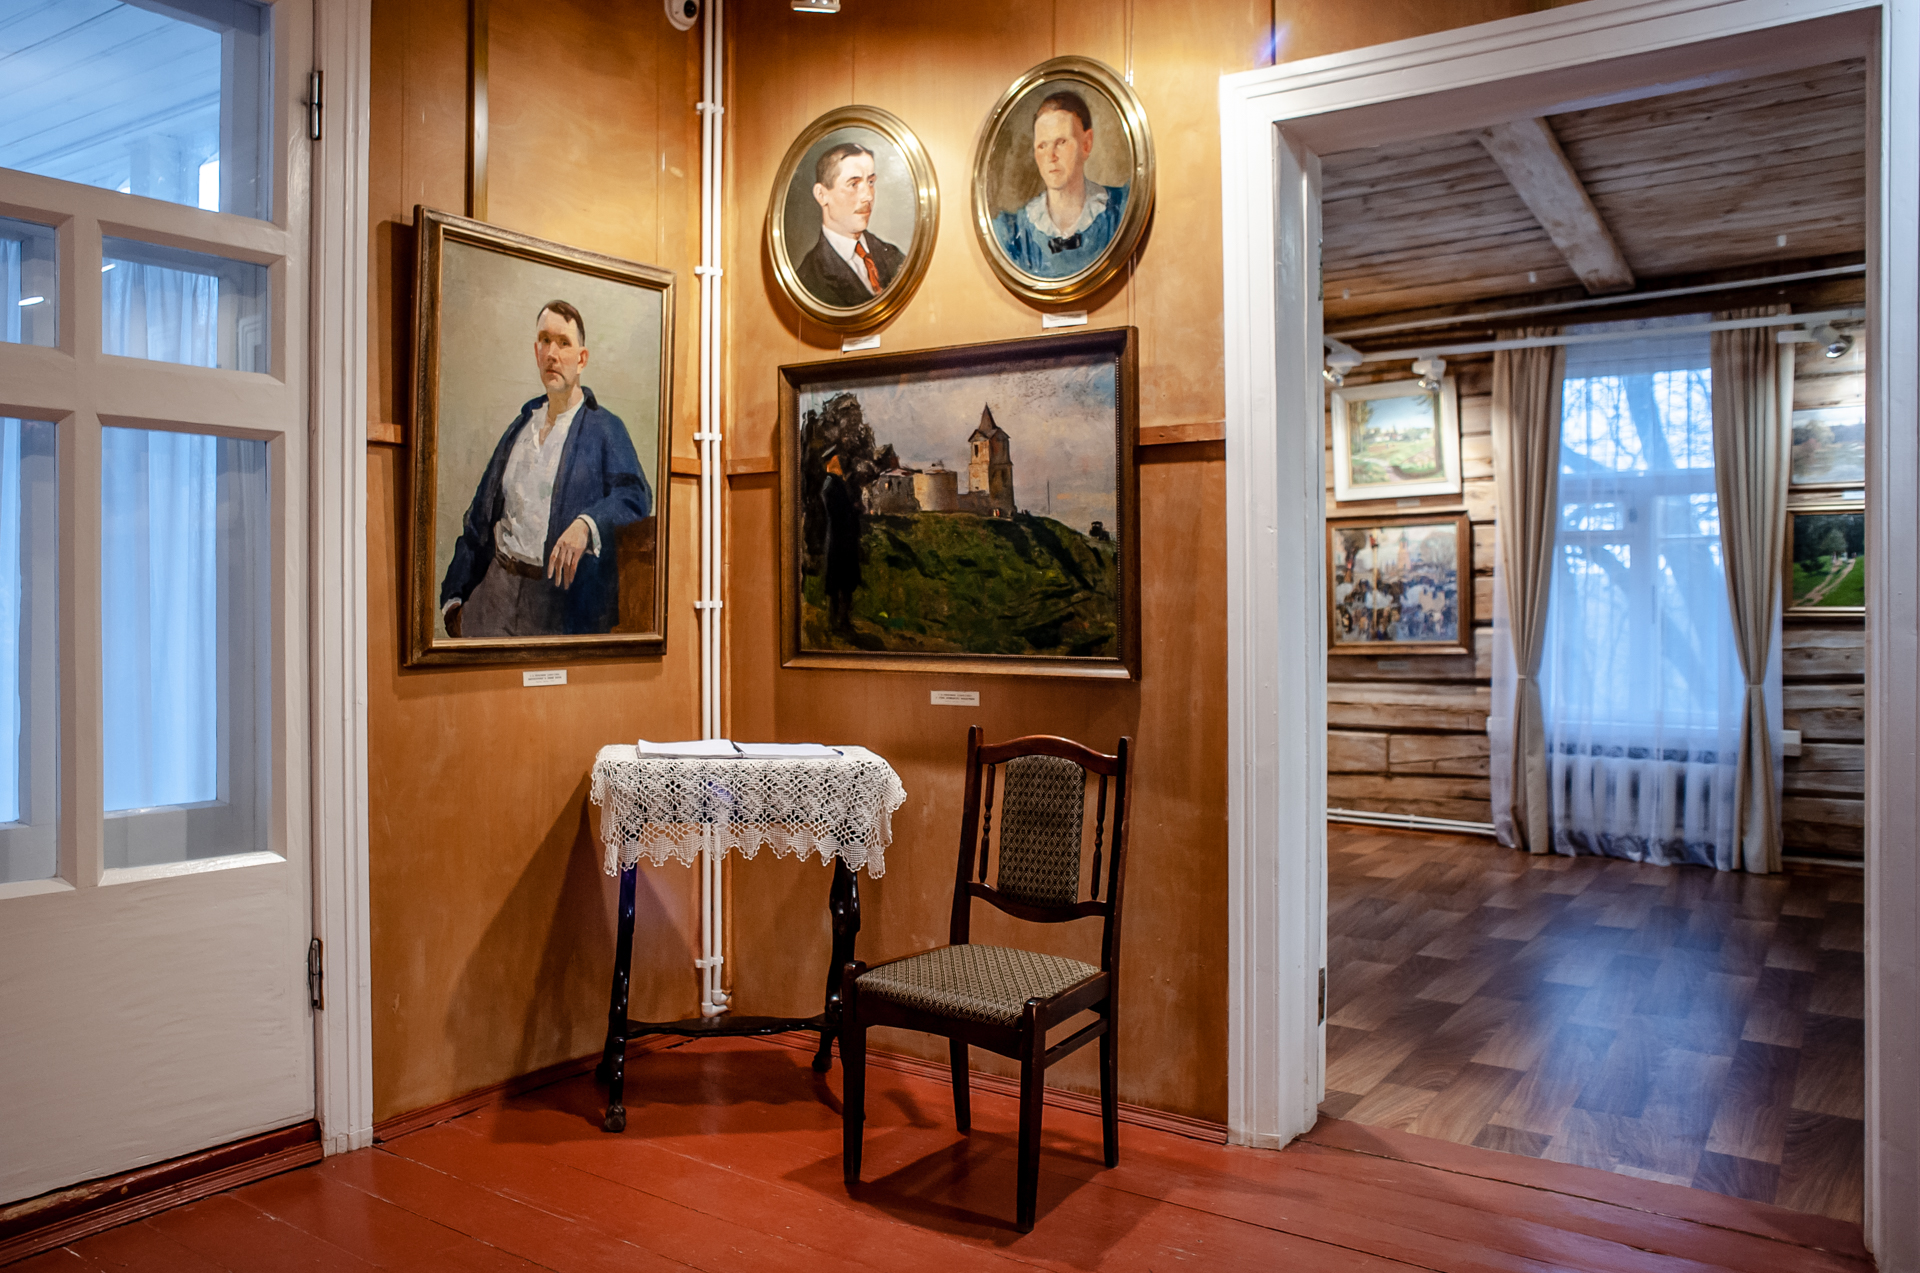 Можайск. Дом-музей художника Герасимова